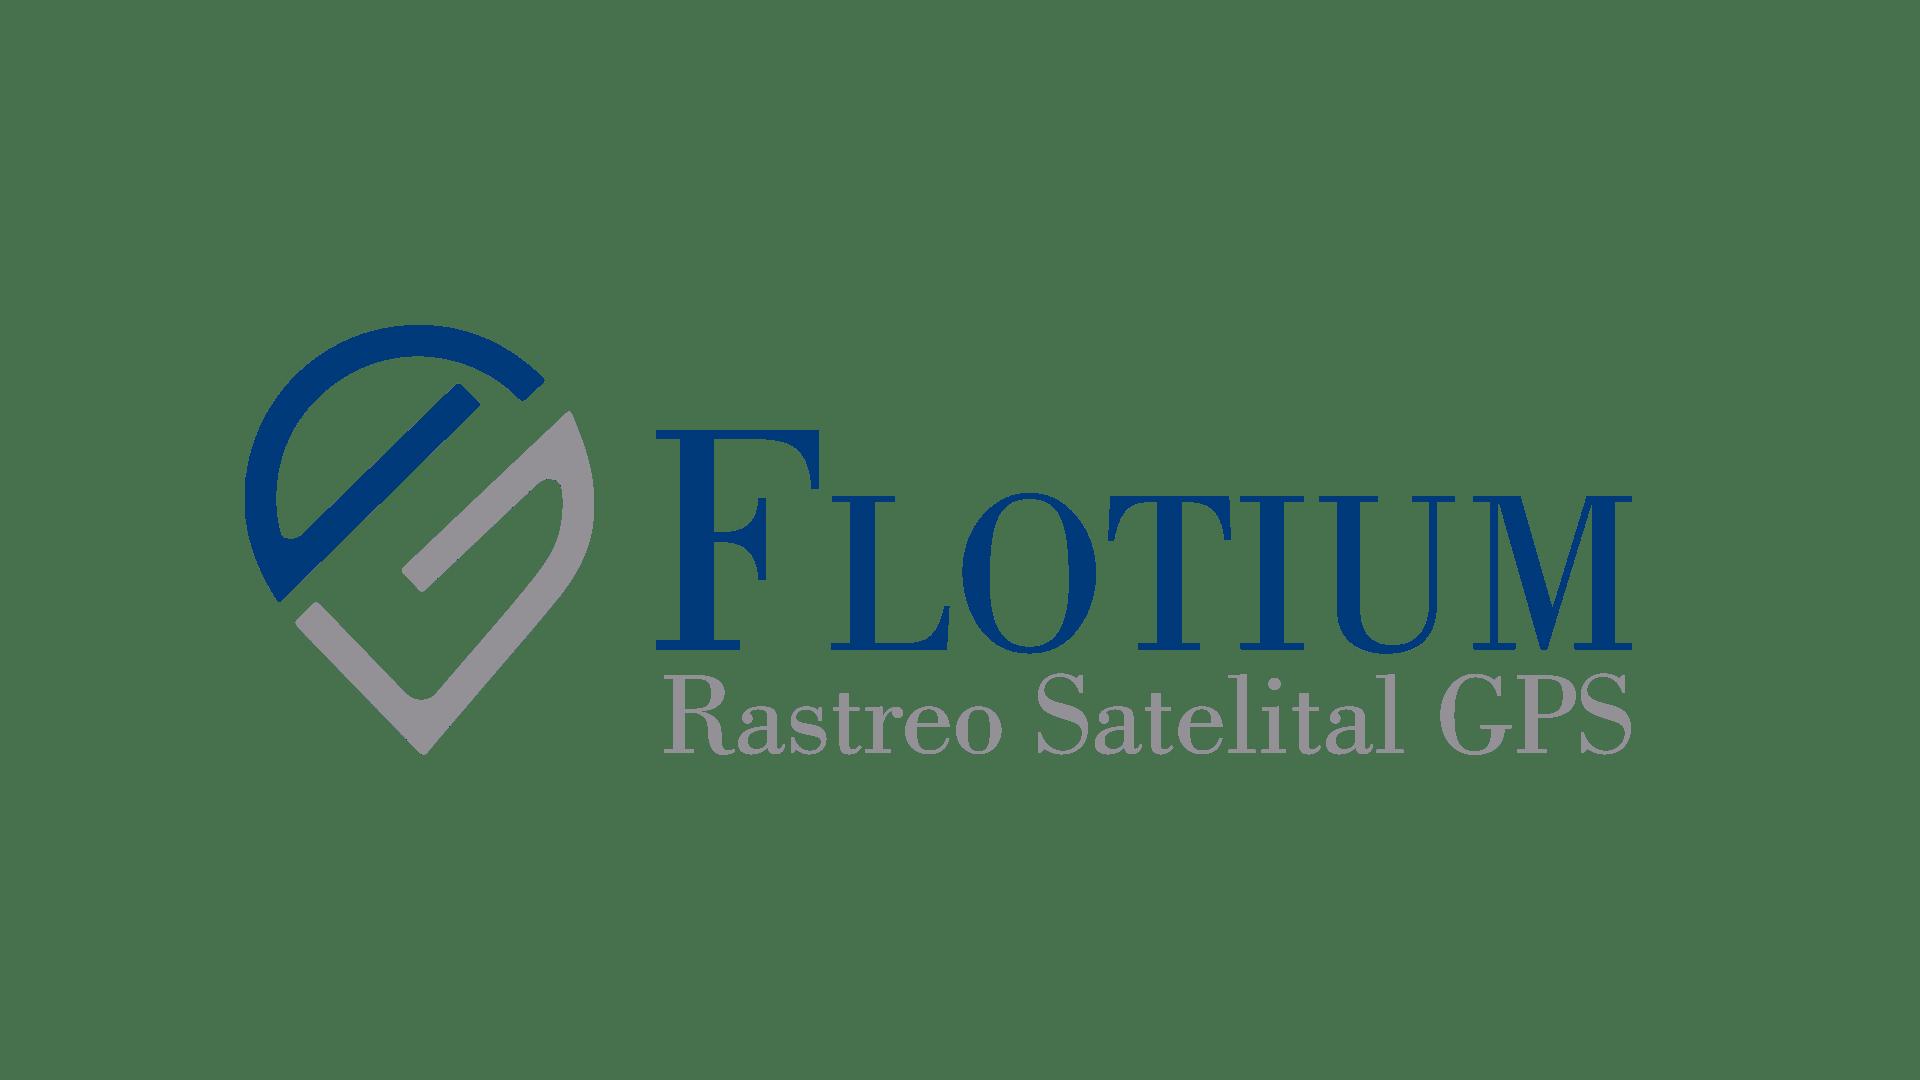 logo flotium